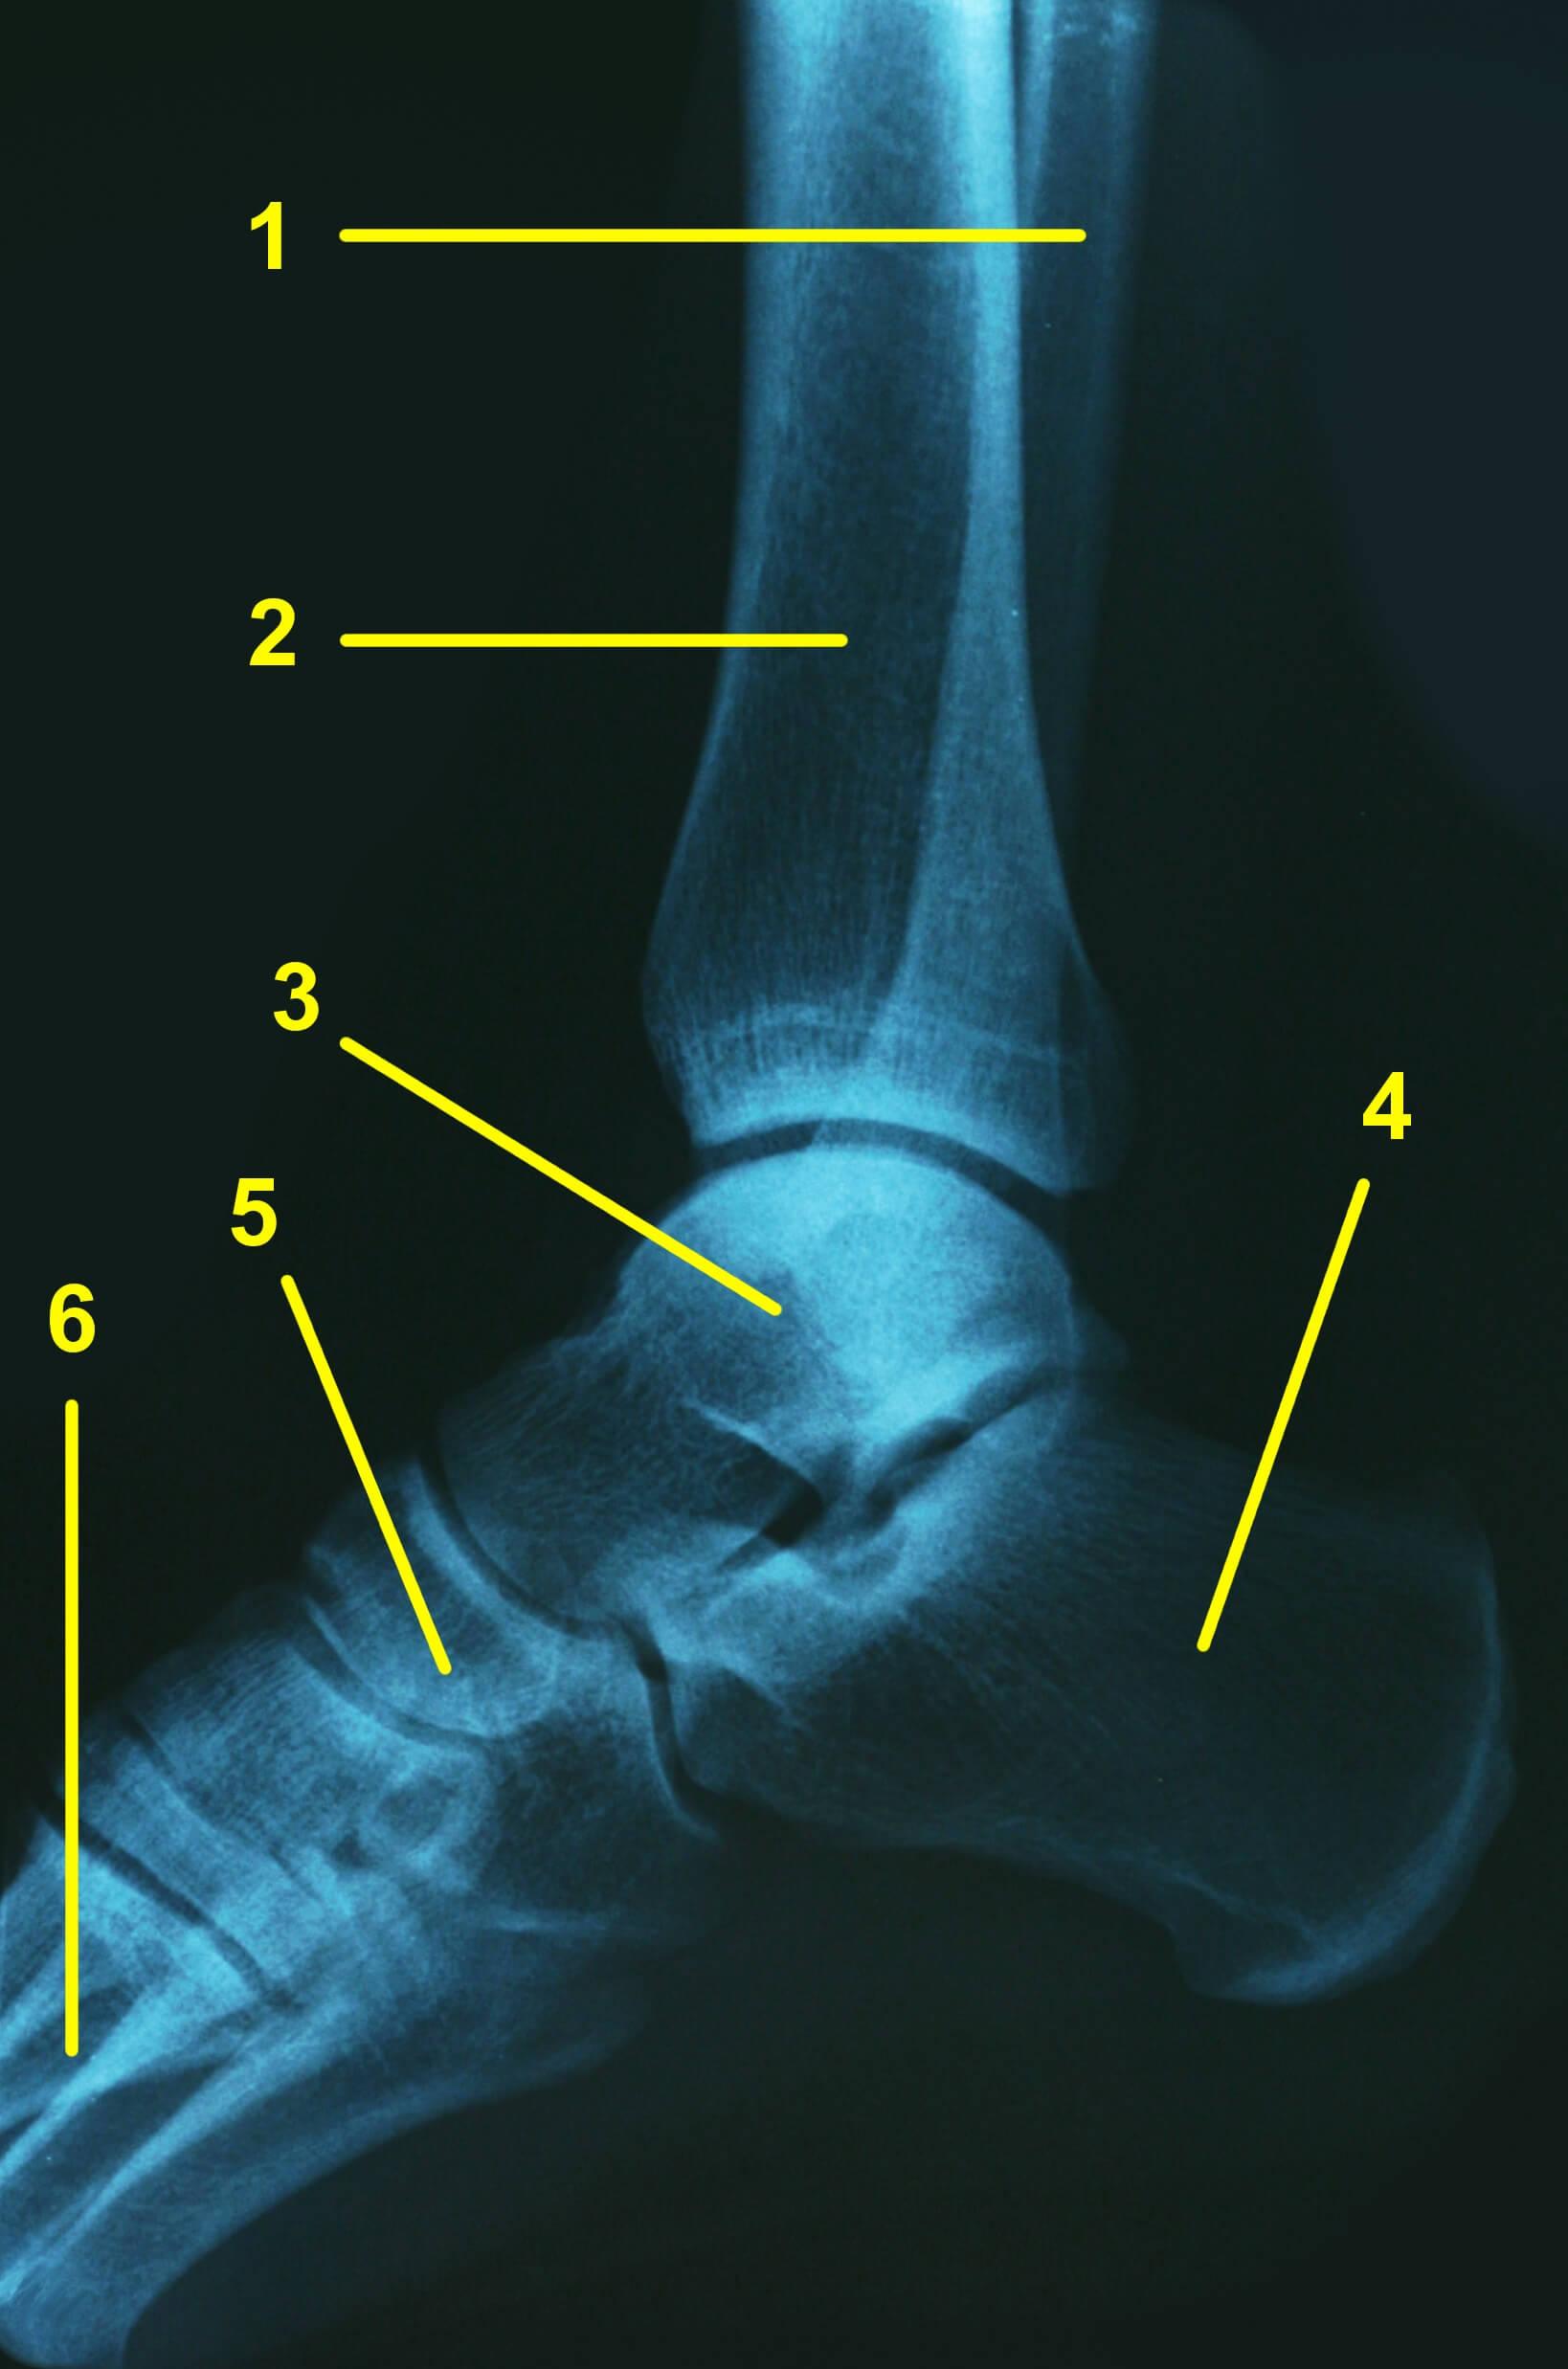 Mangelnde Fußgelenk Mobilität im Sprunggelenk als Grund für den Buttwink